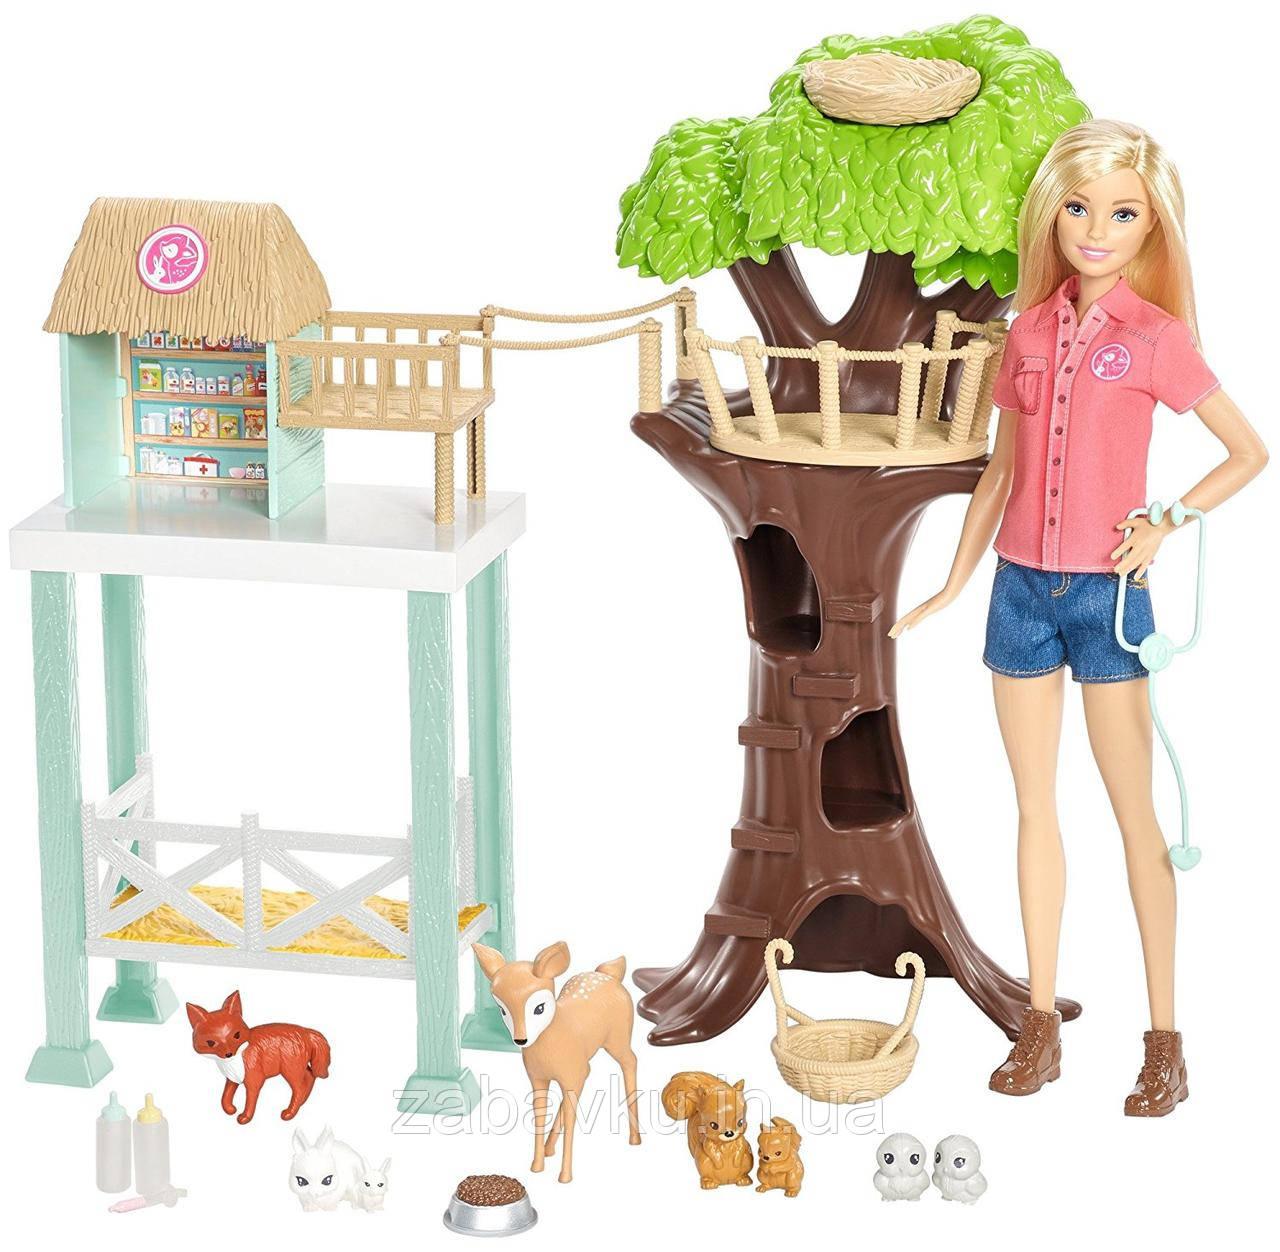 Набір Барбі Центр порятунку тварин Barbie Animal Rescue Playset